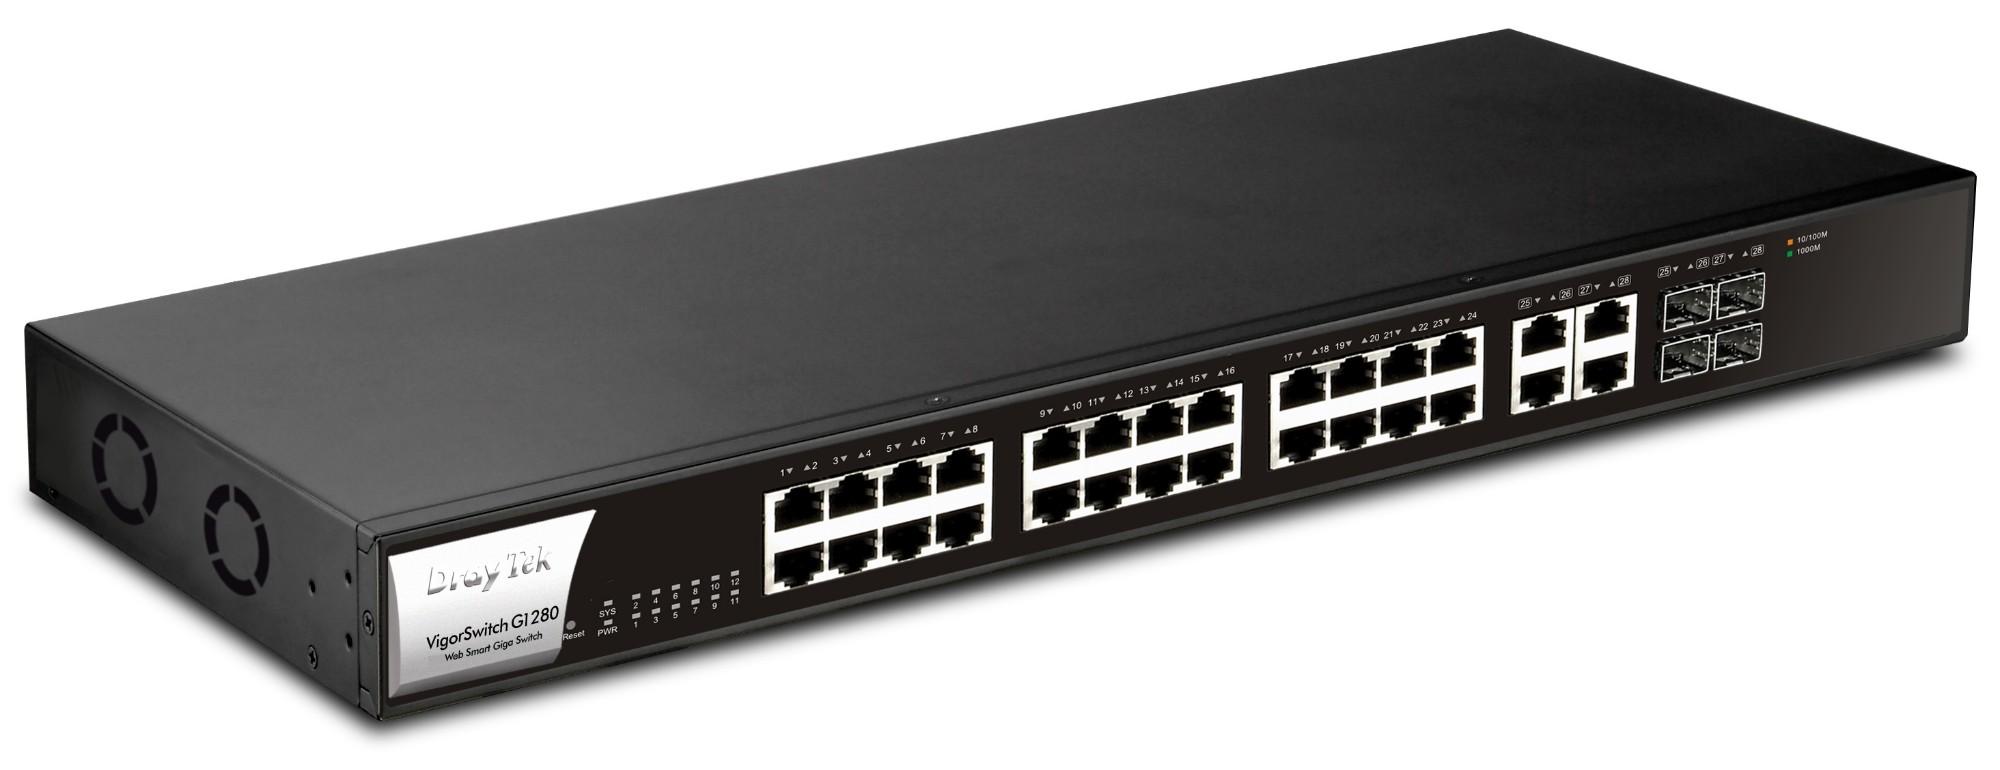 Draytek VigorSwitch P1280 28 Port Gigabit Switch